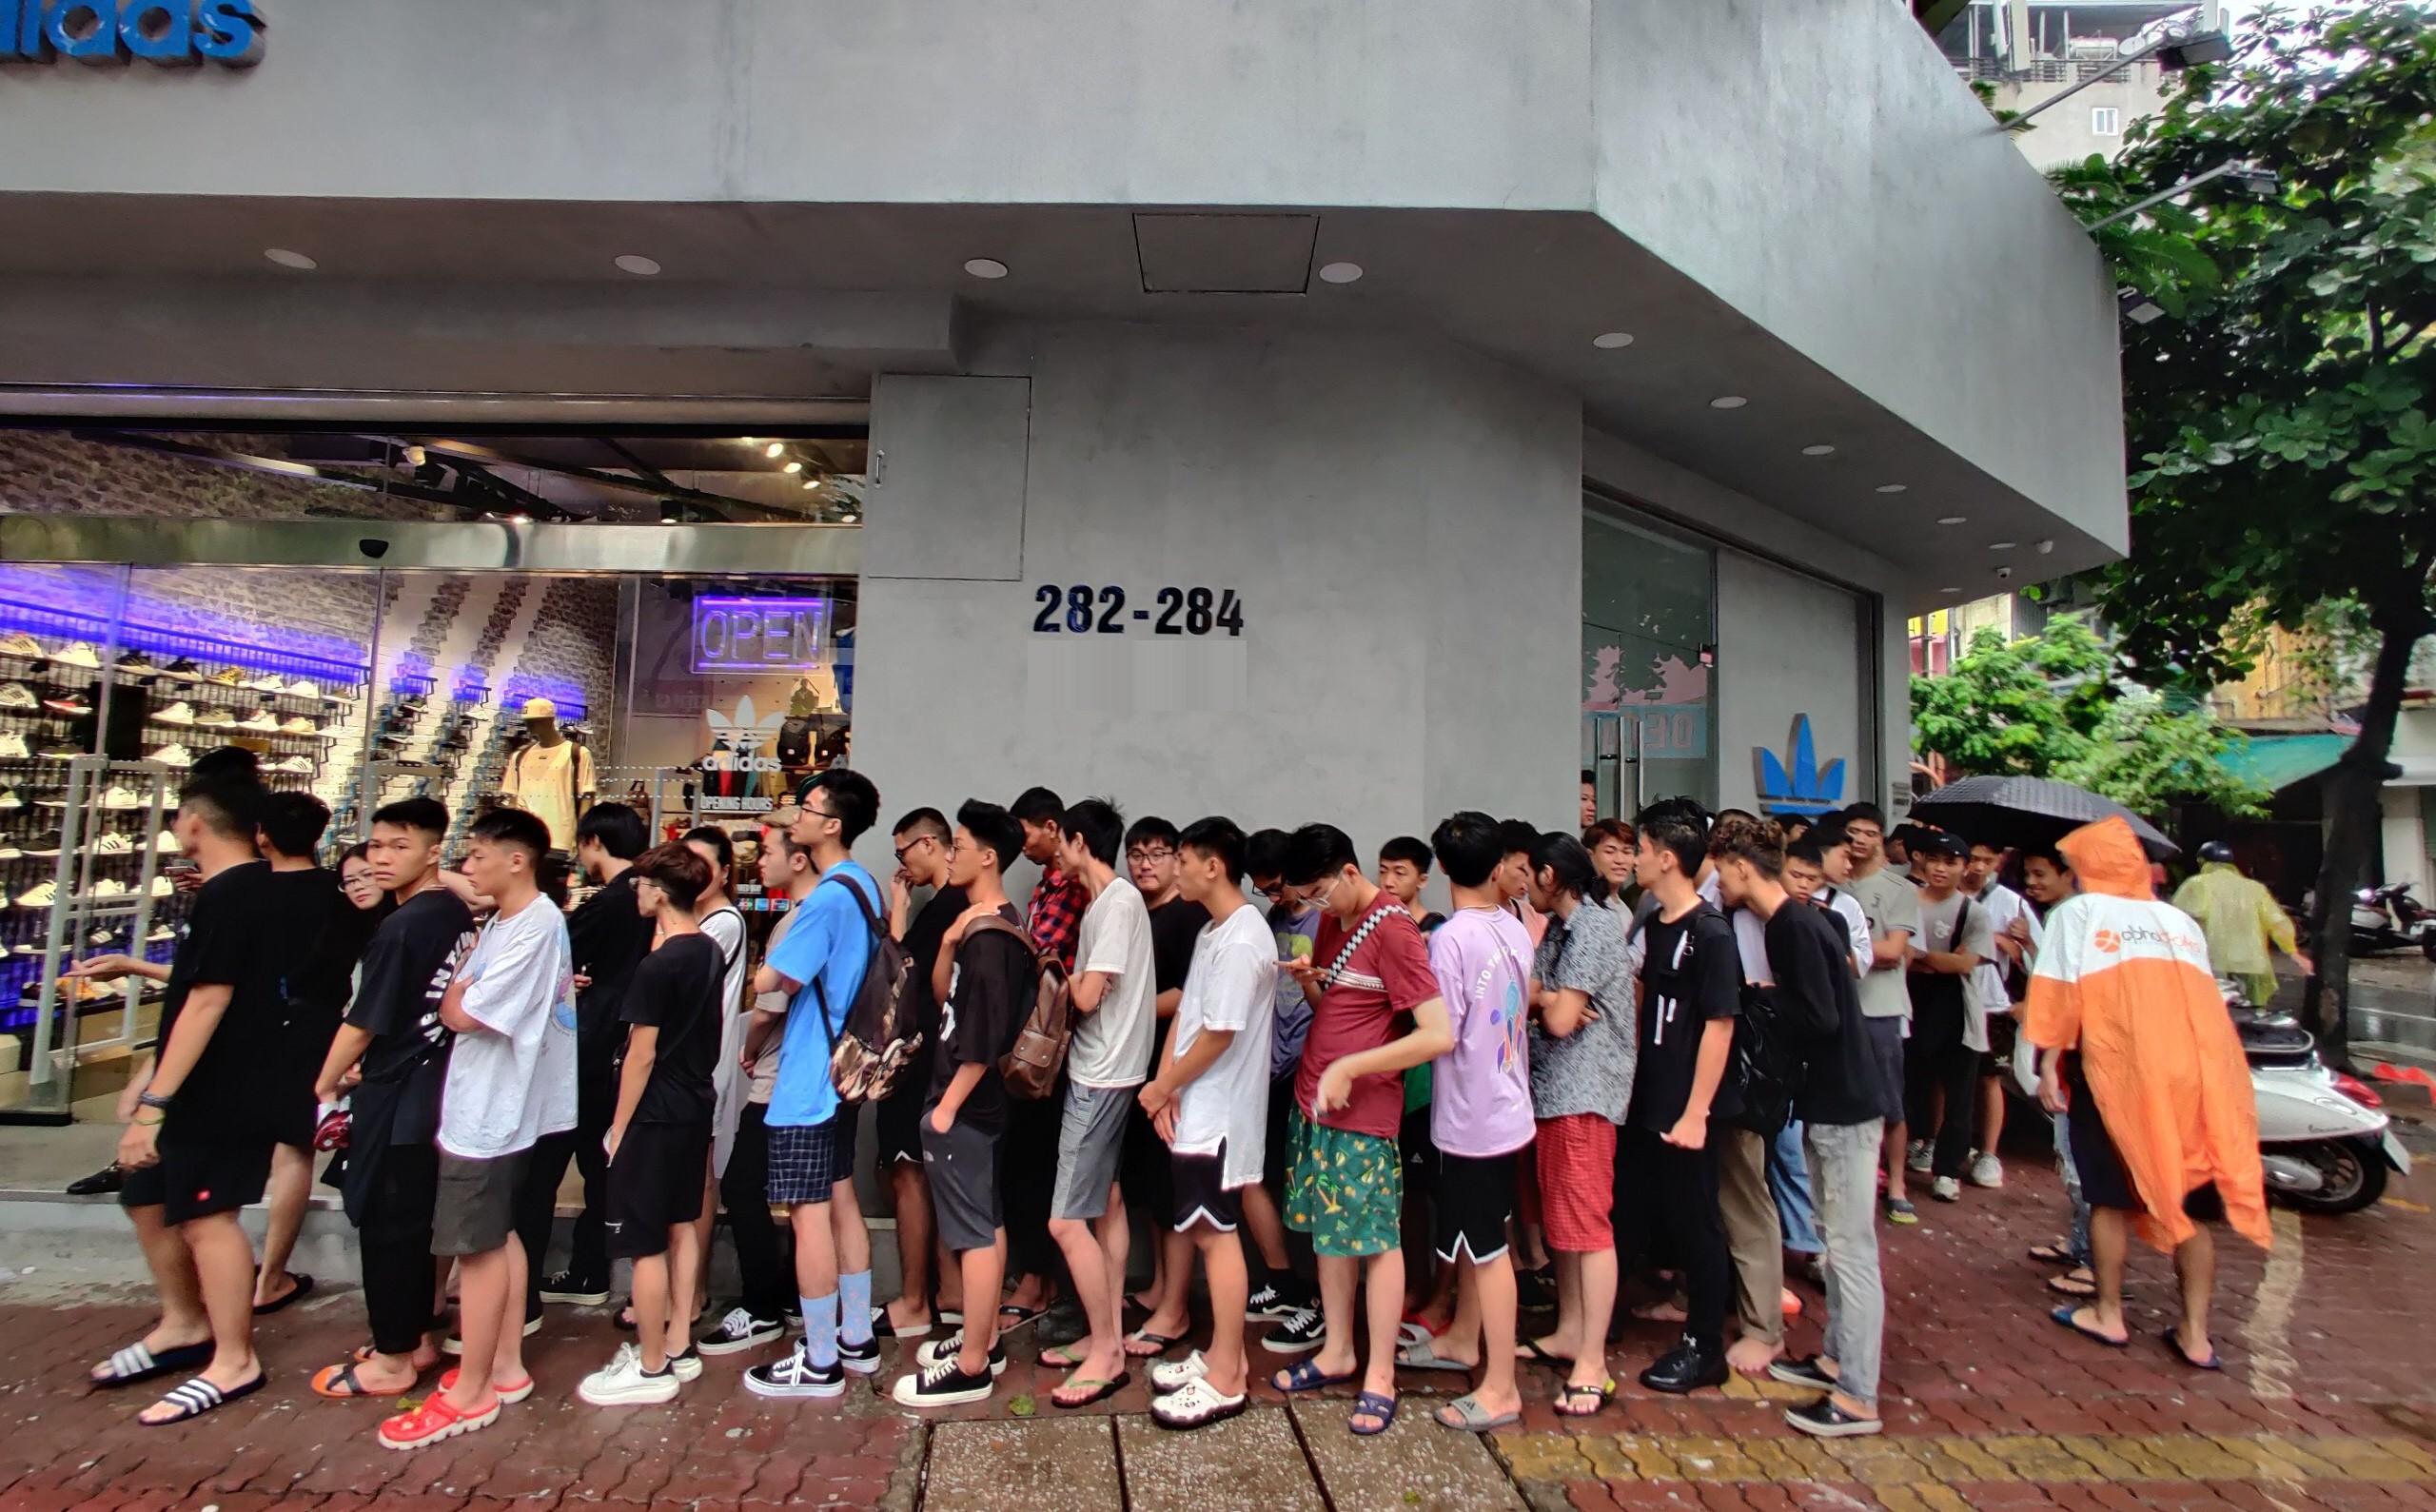 Hà Nội: Hàng trăm khách xếp hàng 2 ngày chờ mua mẫu giày Adidas siêu